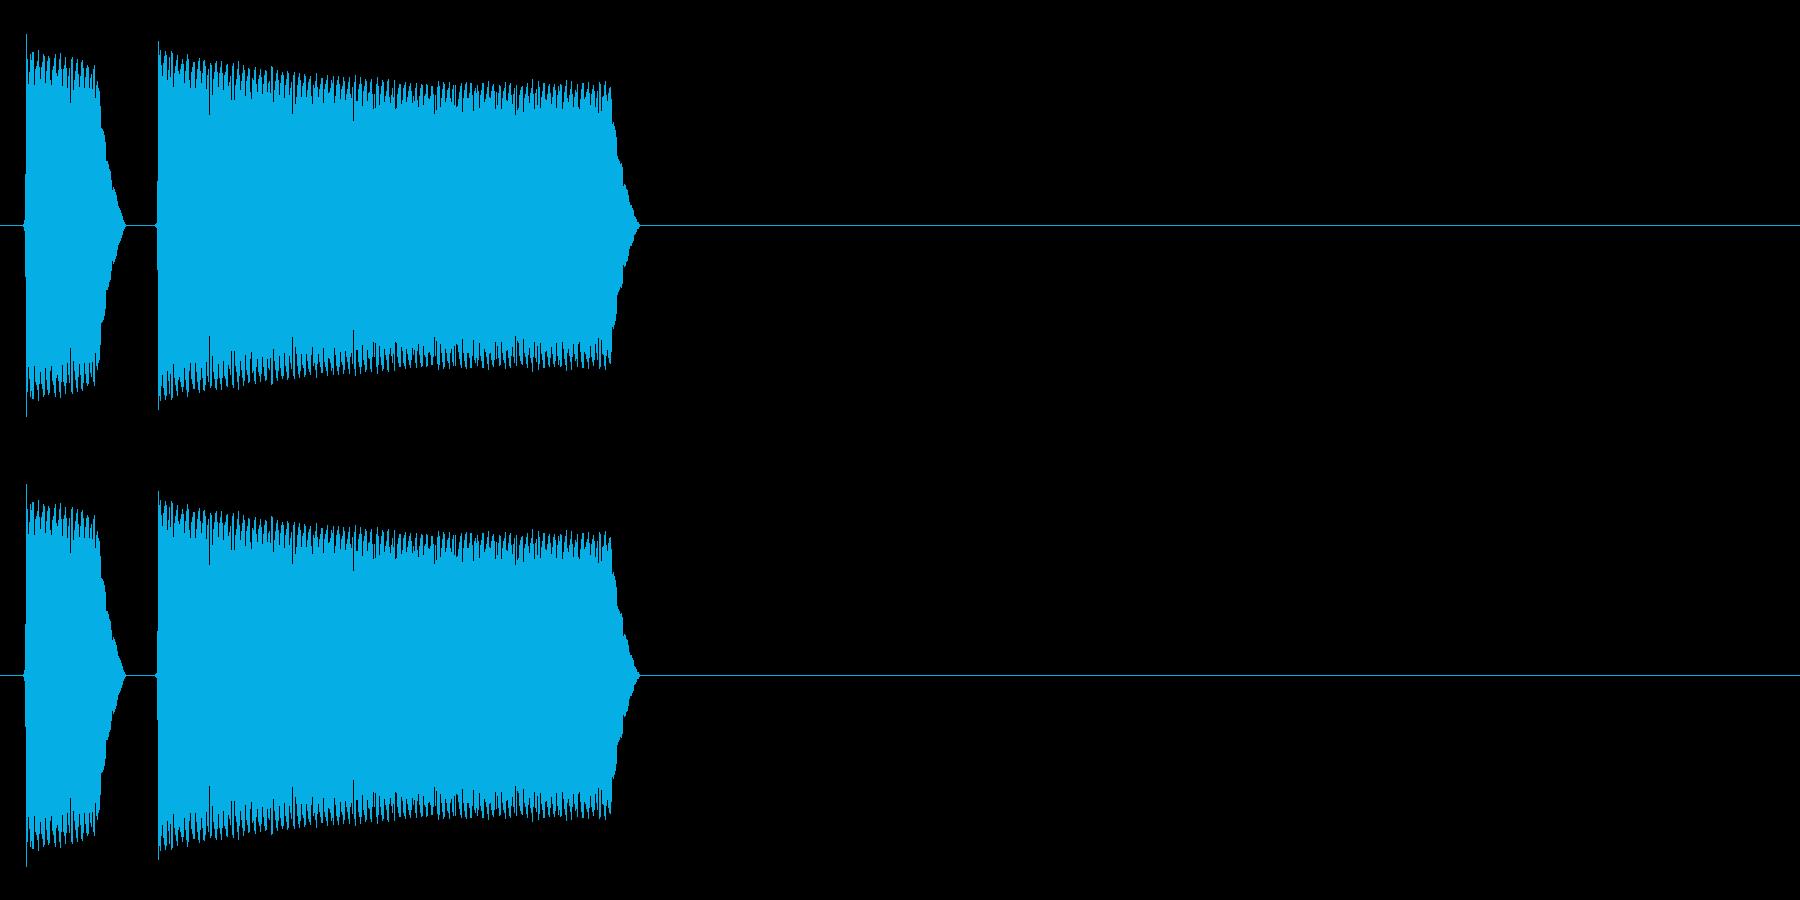 ブブーッ(不正解、禁止、警告音)の再生済みの波形